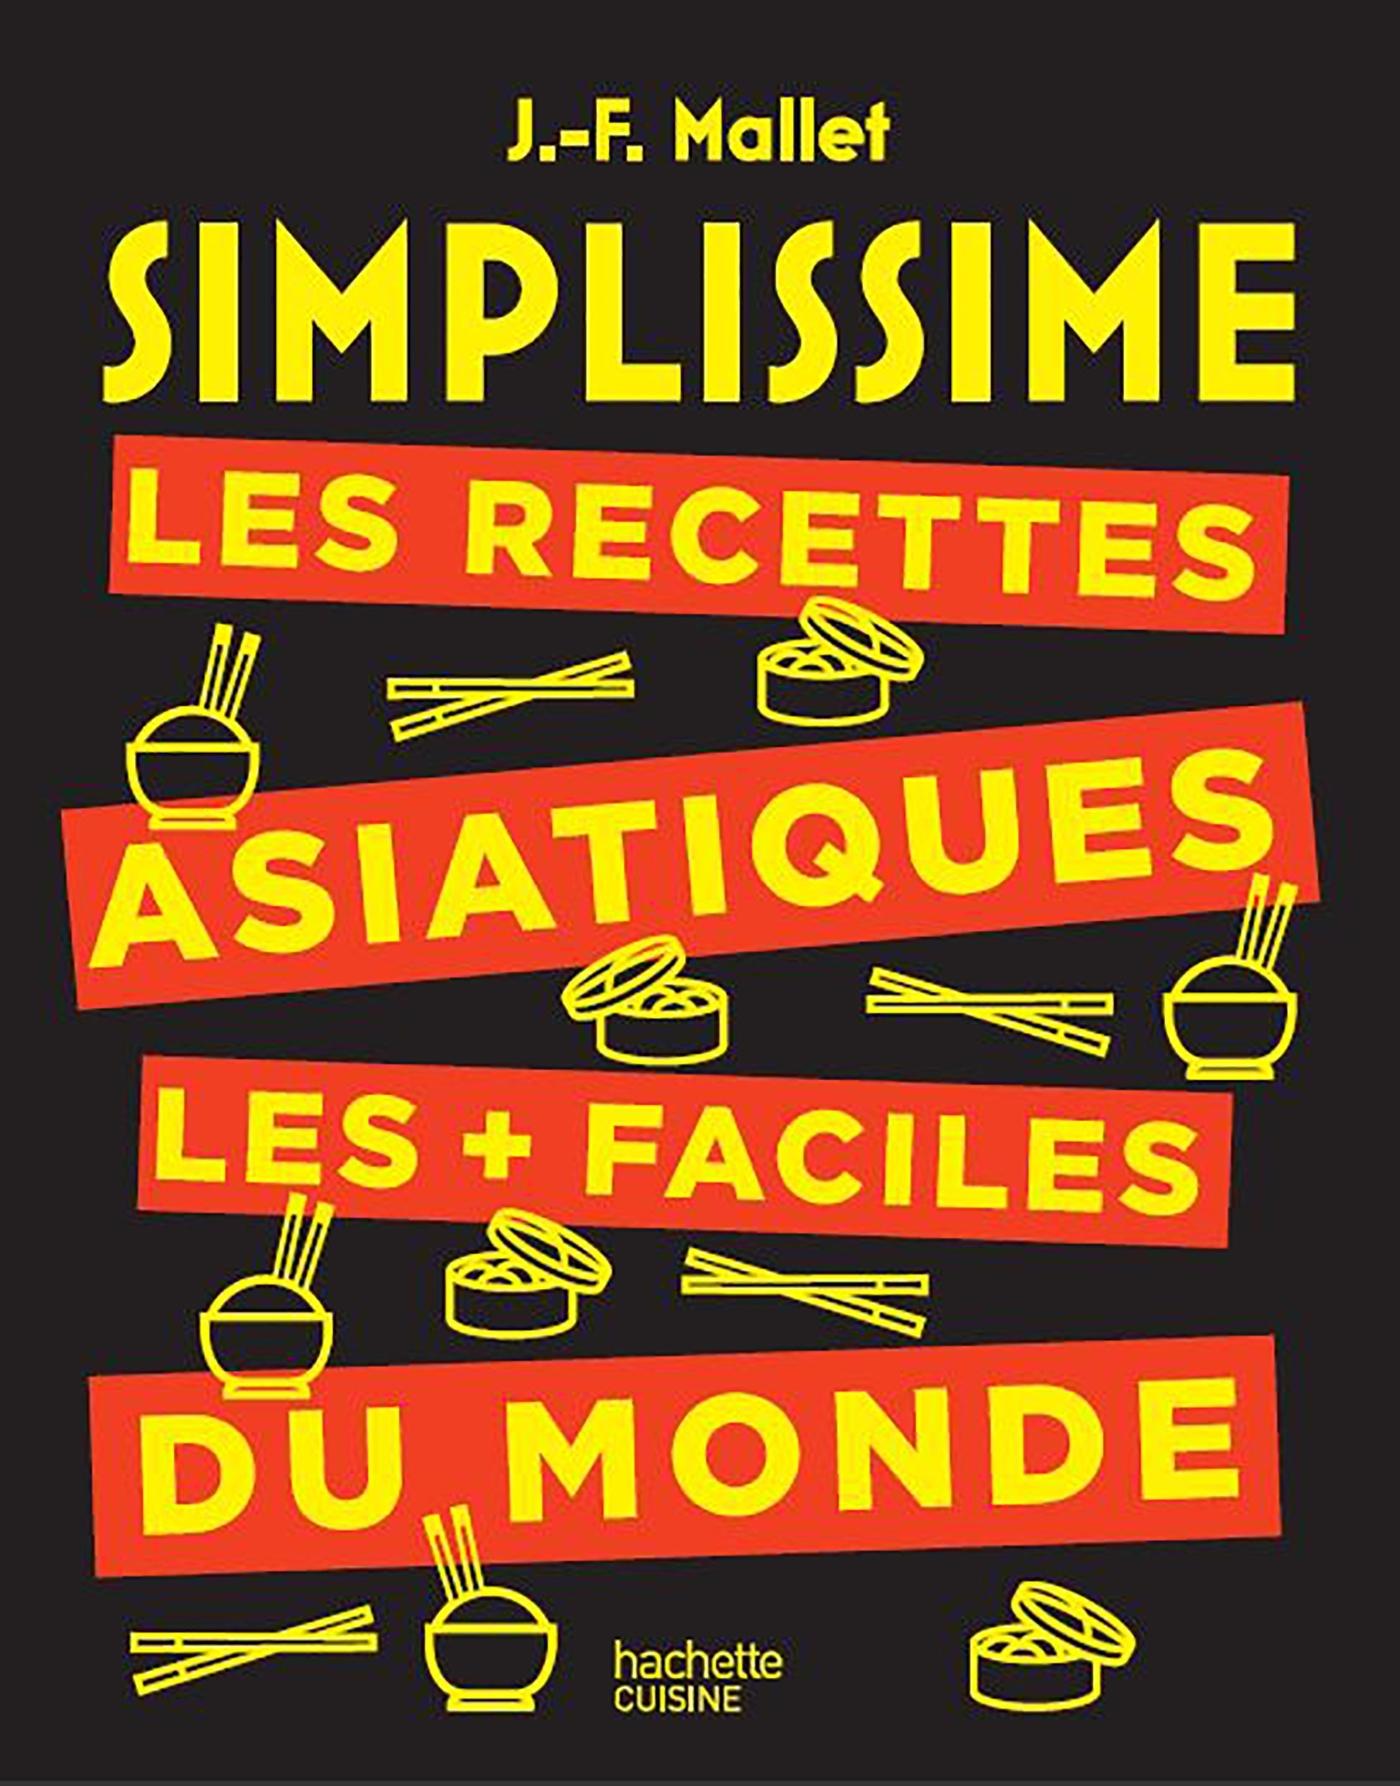 SIMPLISSIME LES RECETTES ASIATIQUES LES + FACILES DU MONDE